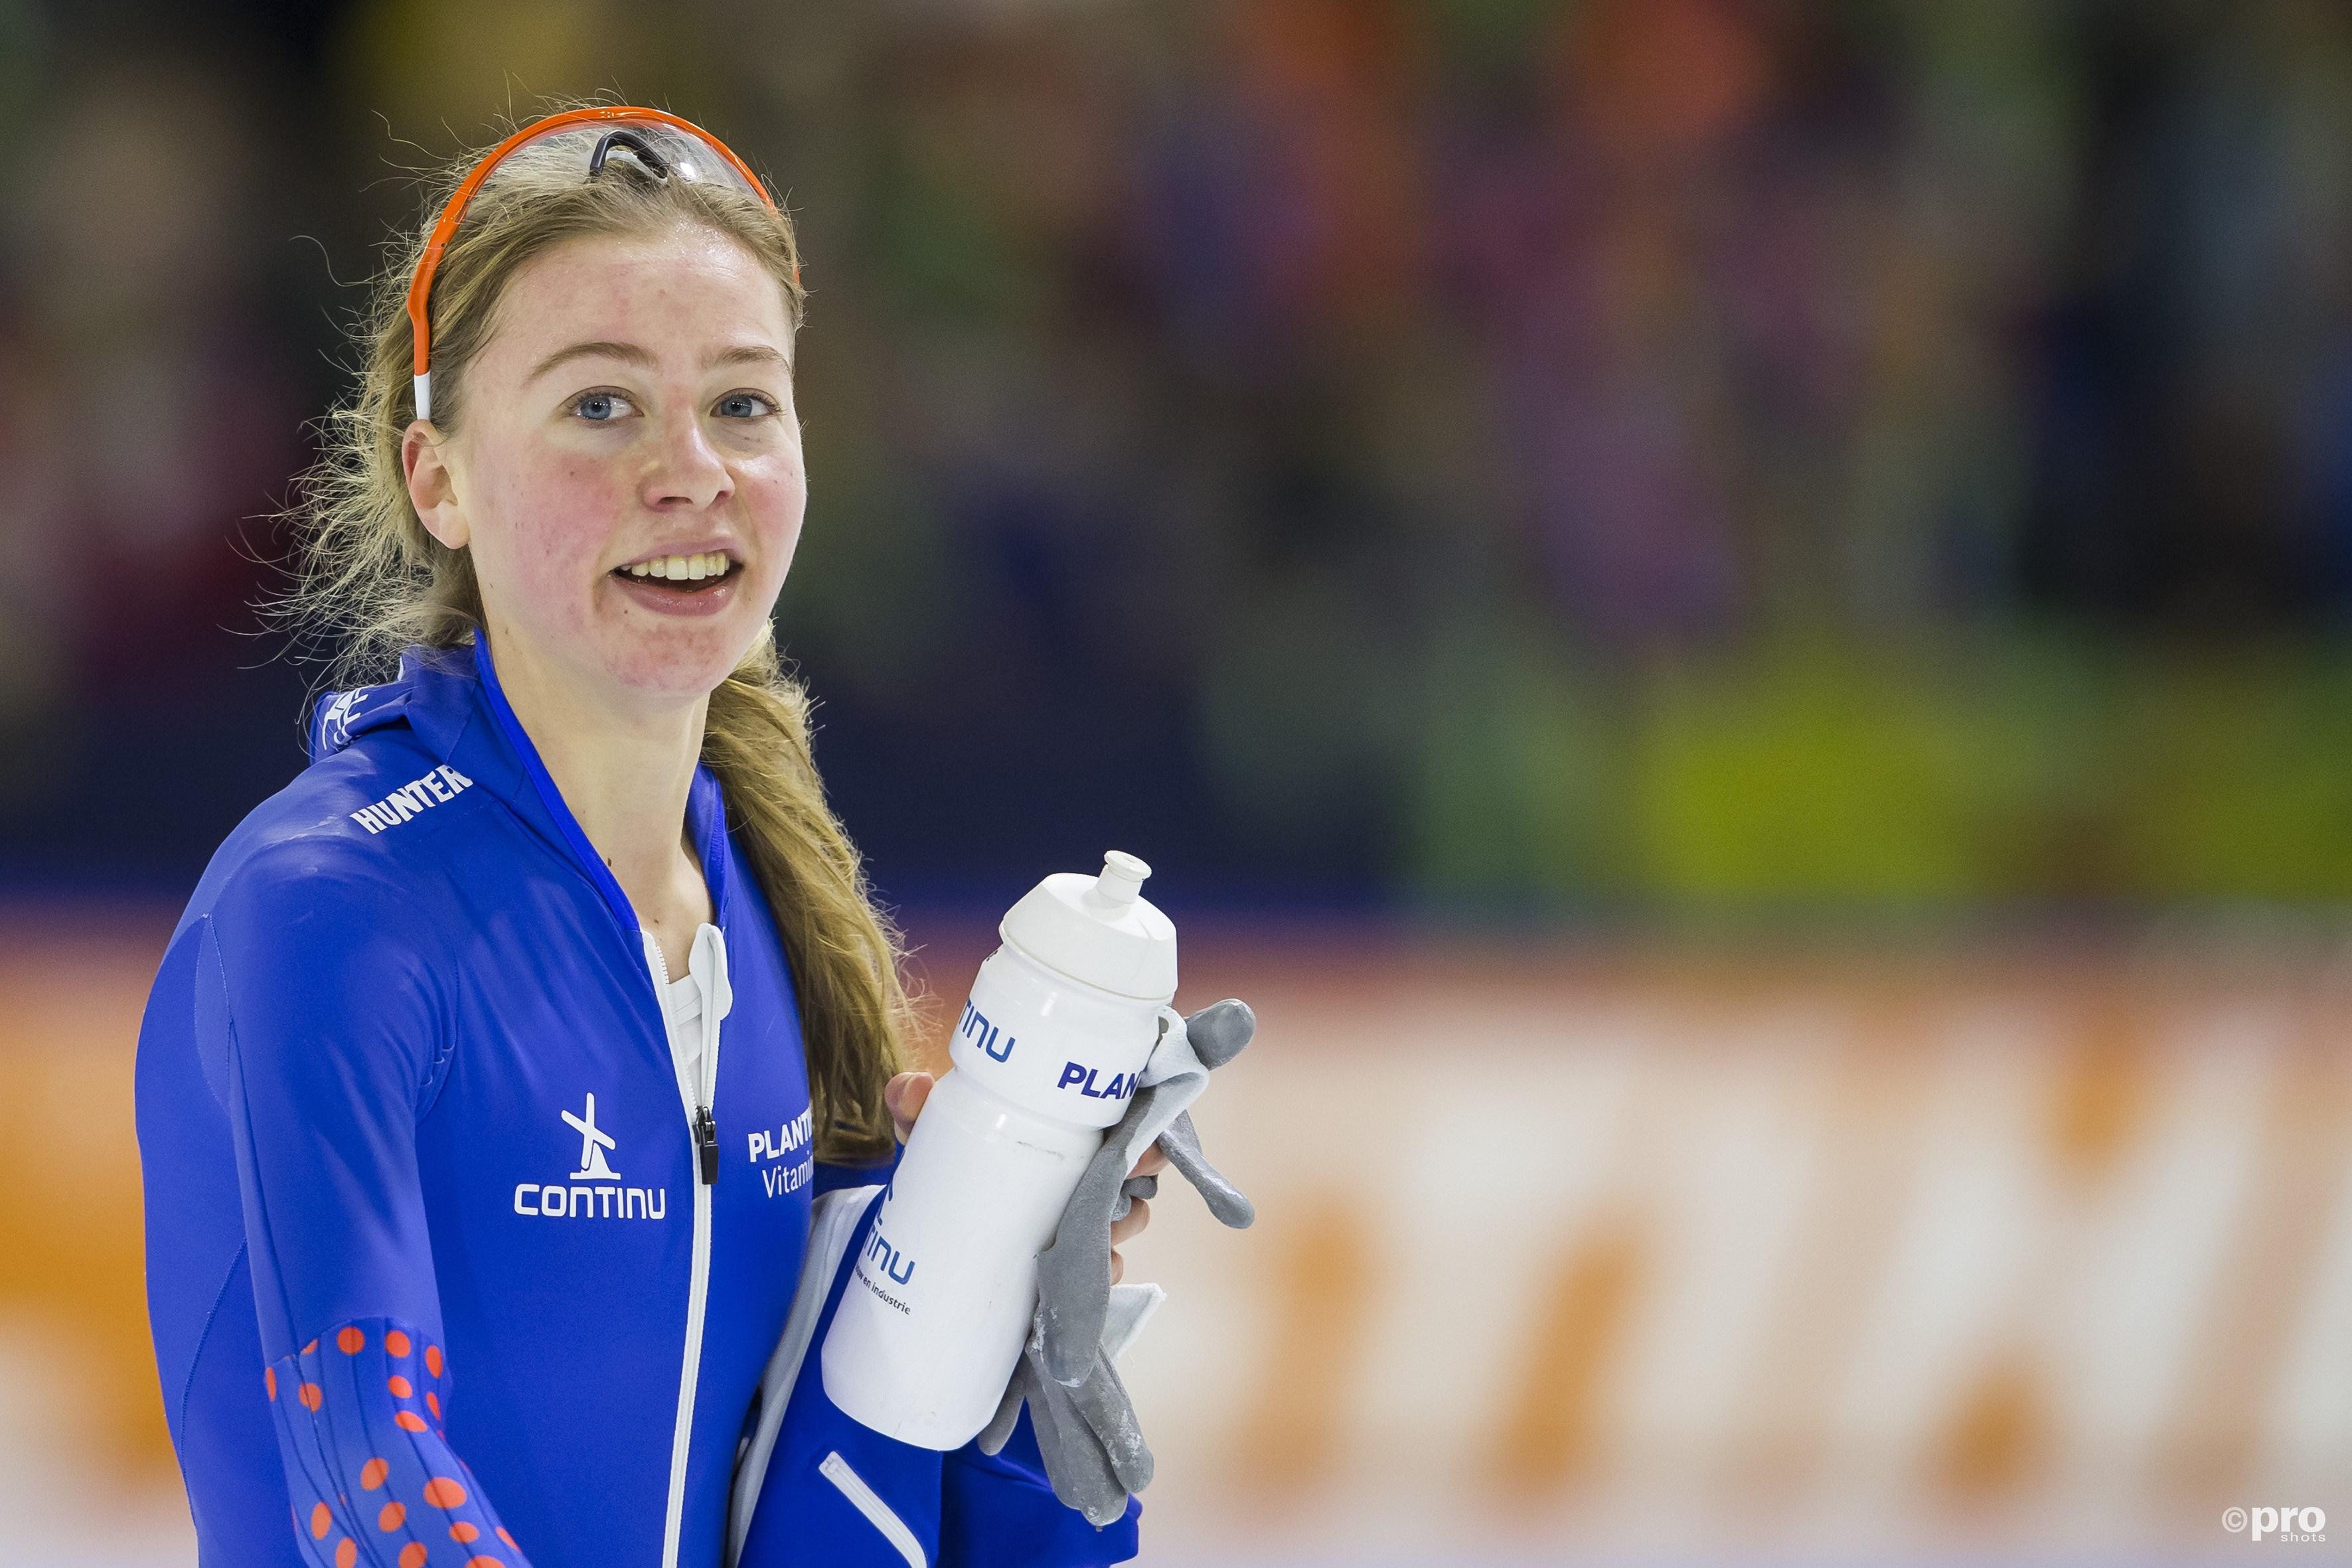 Esmee Visser met plek twee naar de Spelen. (PRO SHOTS/Erik Pasman)